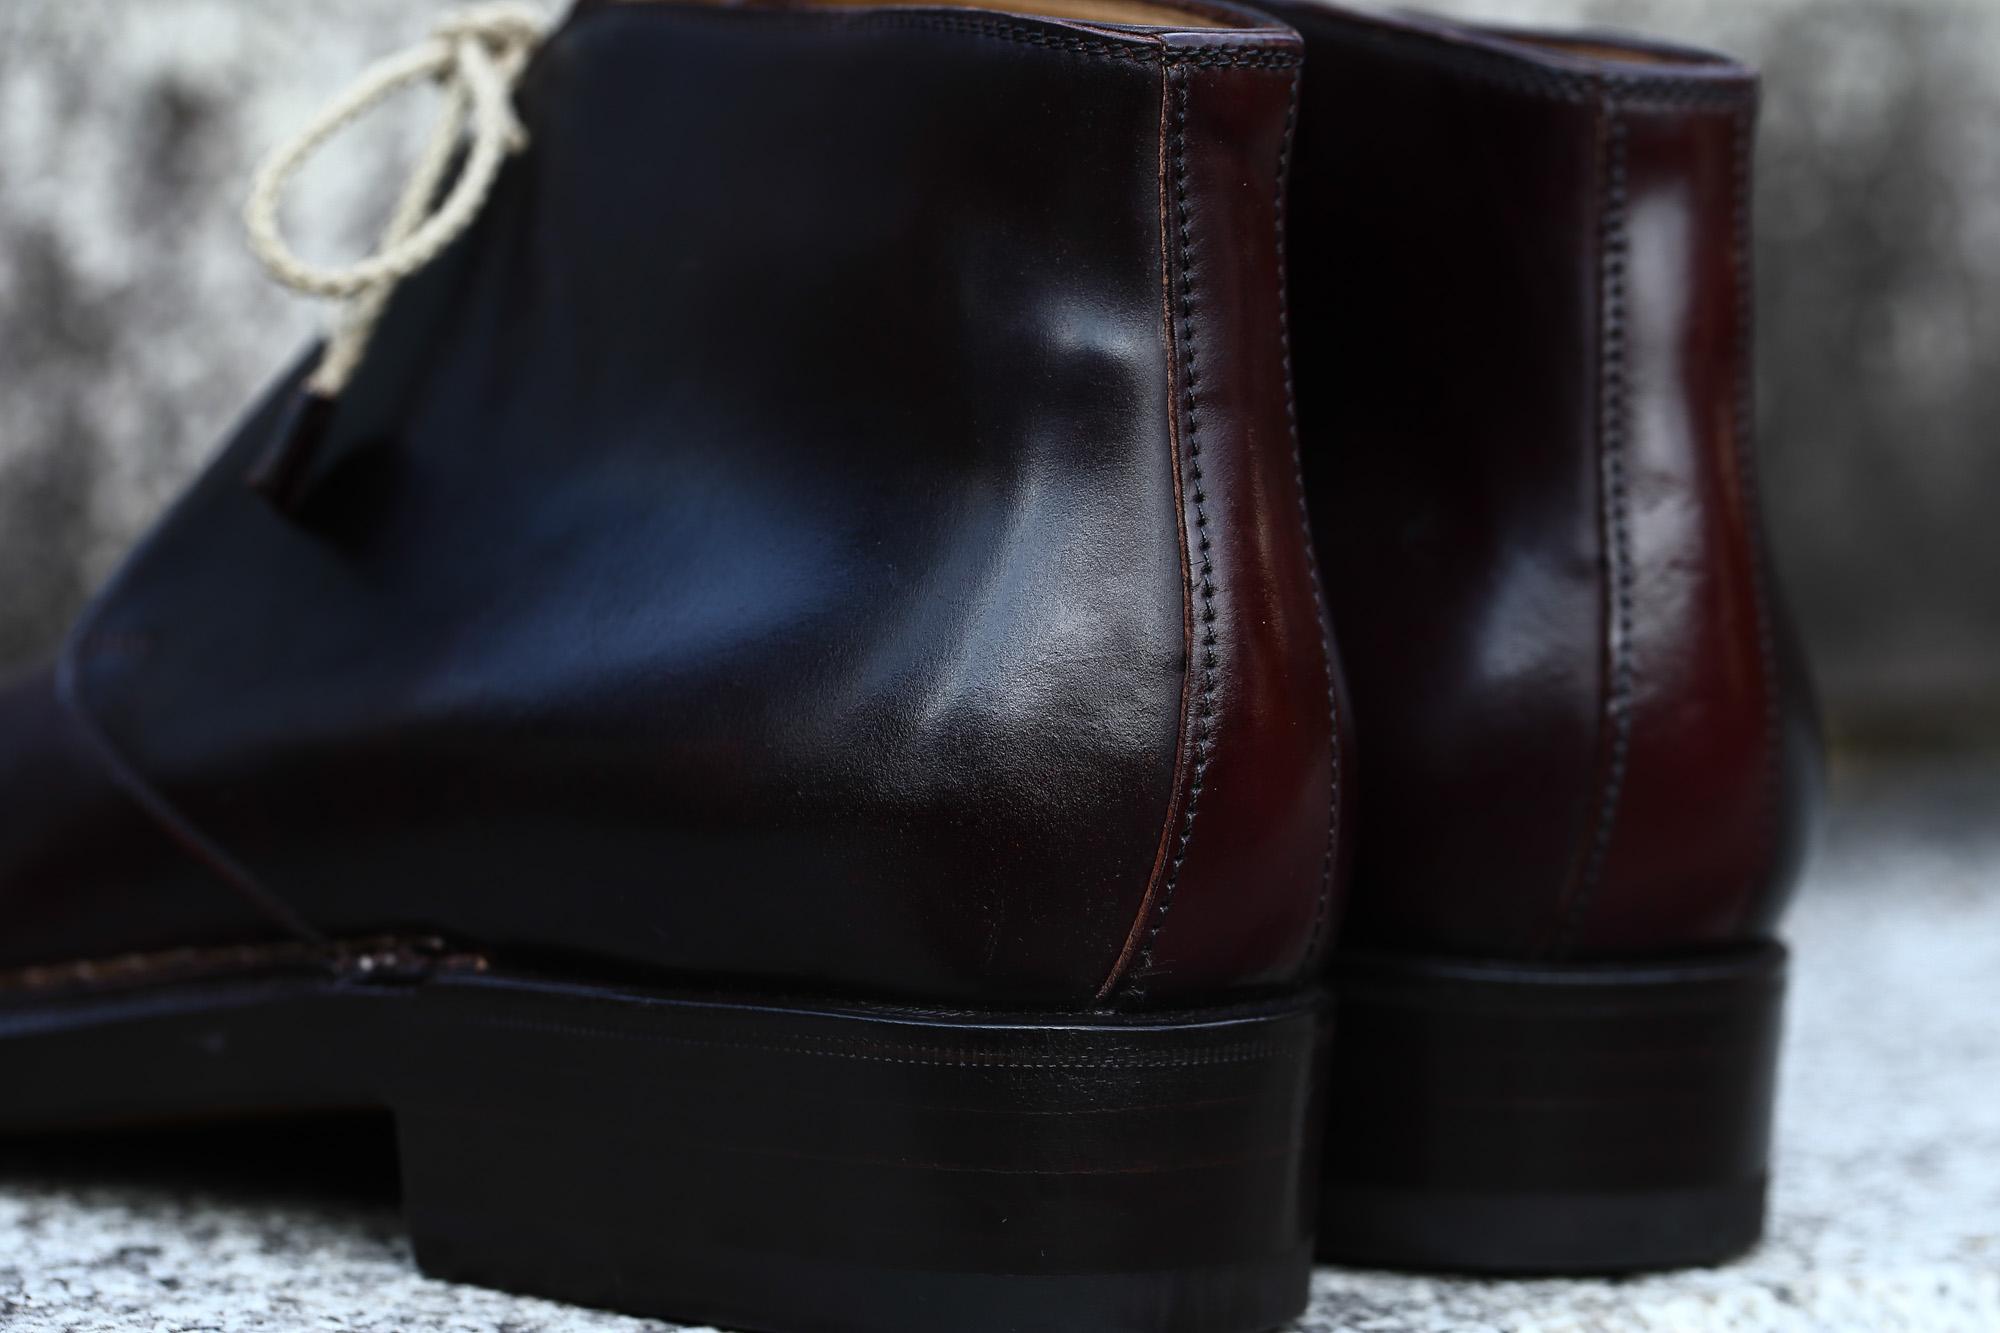 ENZO BONAFE (エンツォボナフェ) ART.3722 Chukka boots Horween Shell Cordovan Leather ホーウィン社 シェルコードバンレザー レザーブーツ コードバンブーツ チャッカブーツ No.8 (バーガンディー) made in Italy(イタリア製) 愛知 名古屋 ZODIAC ゾディアック ボナフェ コードバン ベネチアンクリーム JOHN LOBB ジョンロブ CHURCH'S チャーチ JOSEPH CHEANEY ジョセフチーニー CORTHAY コルテ ALFRED SARGENT アルフレッドサージェント CROCKETT&JONES クロケットジョーンズ F.LLI GIACOMETTI フラテッリジャコメッティ ENZO BONAFE エンツォボナフェ BETTANIN&VENTURI ベッタニンヴェントゥーリ JALAN SRIWIJAYA ジャランスリウァヤ J.W.WESTON ジェイエムウエストン SANTONI サントーニ SERGIO ROSSI セルジオロッシ CARMINA カルミナ